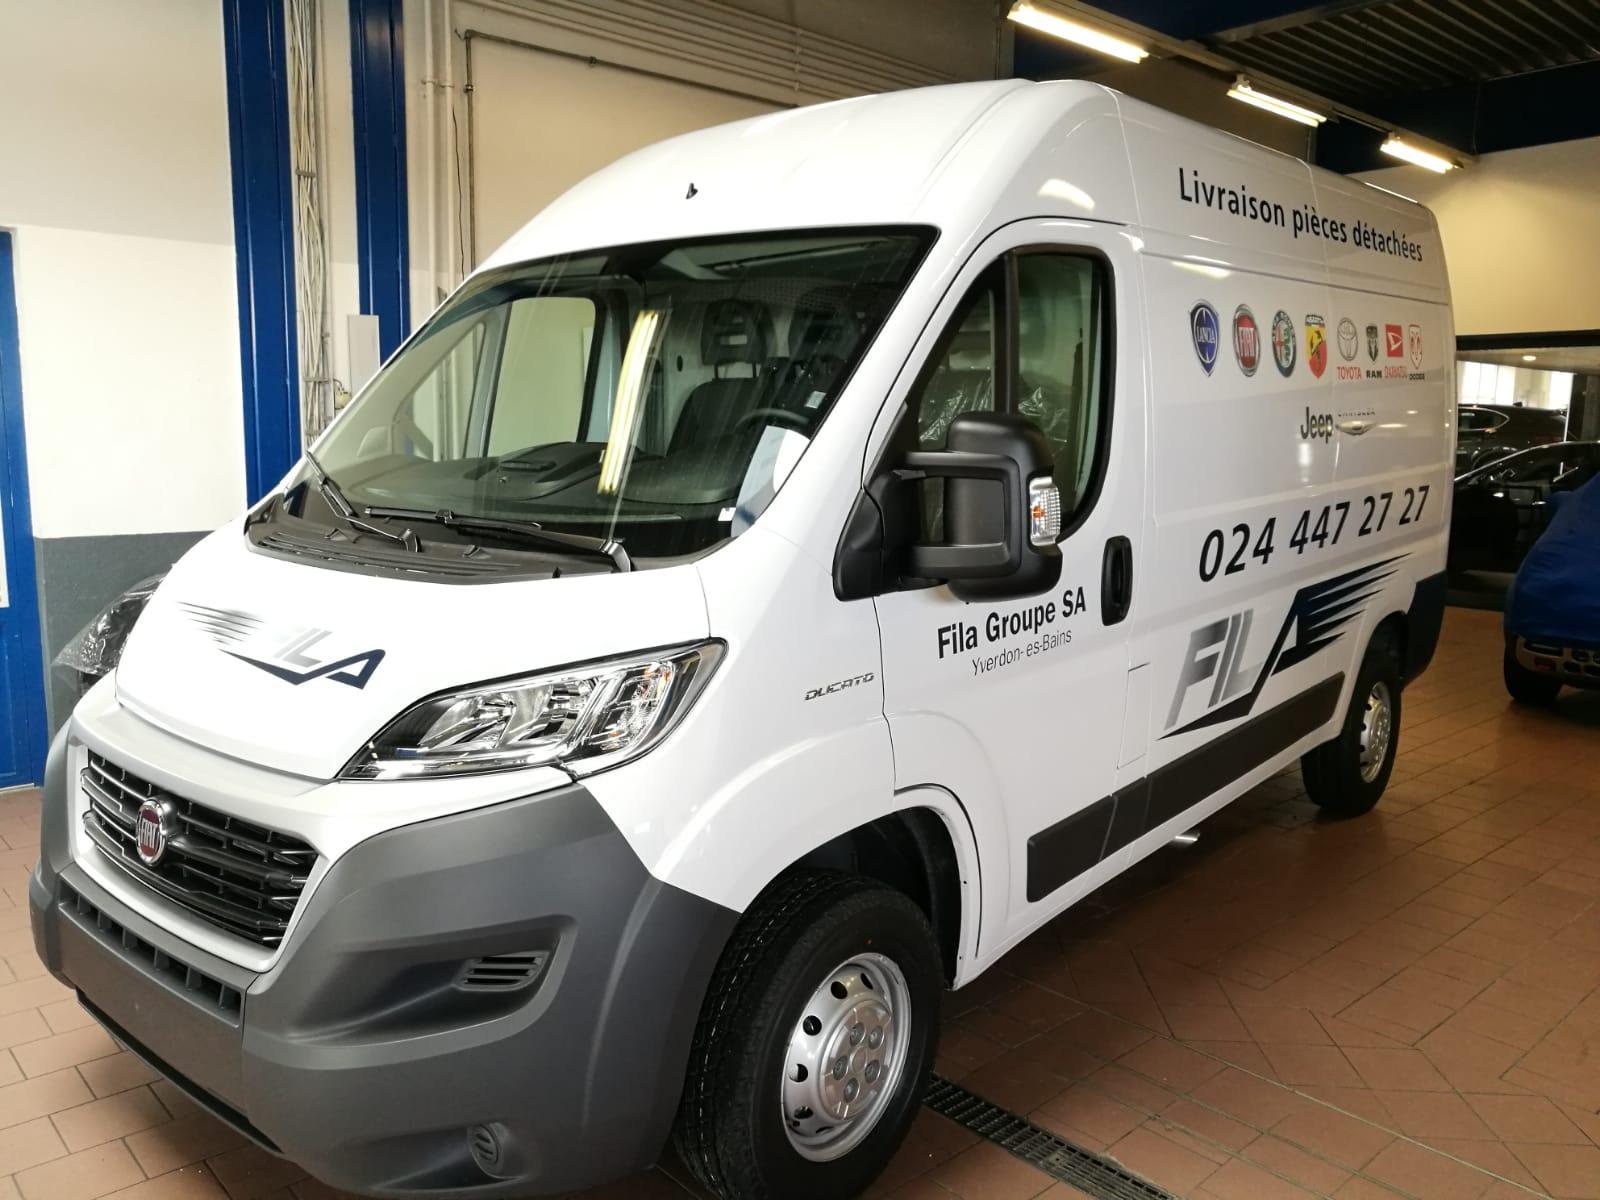 Publicité adhésive sur véhicule utilitaire à Yverdon (3)